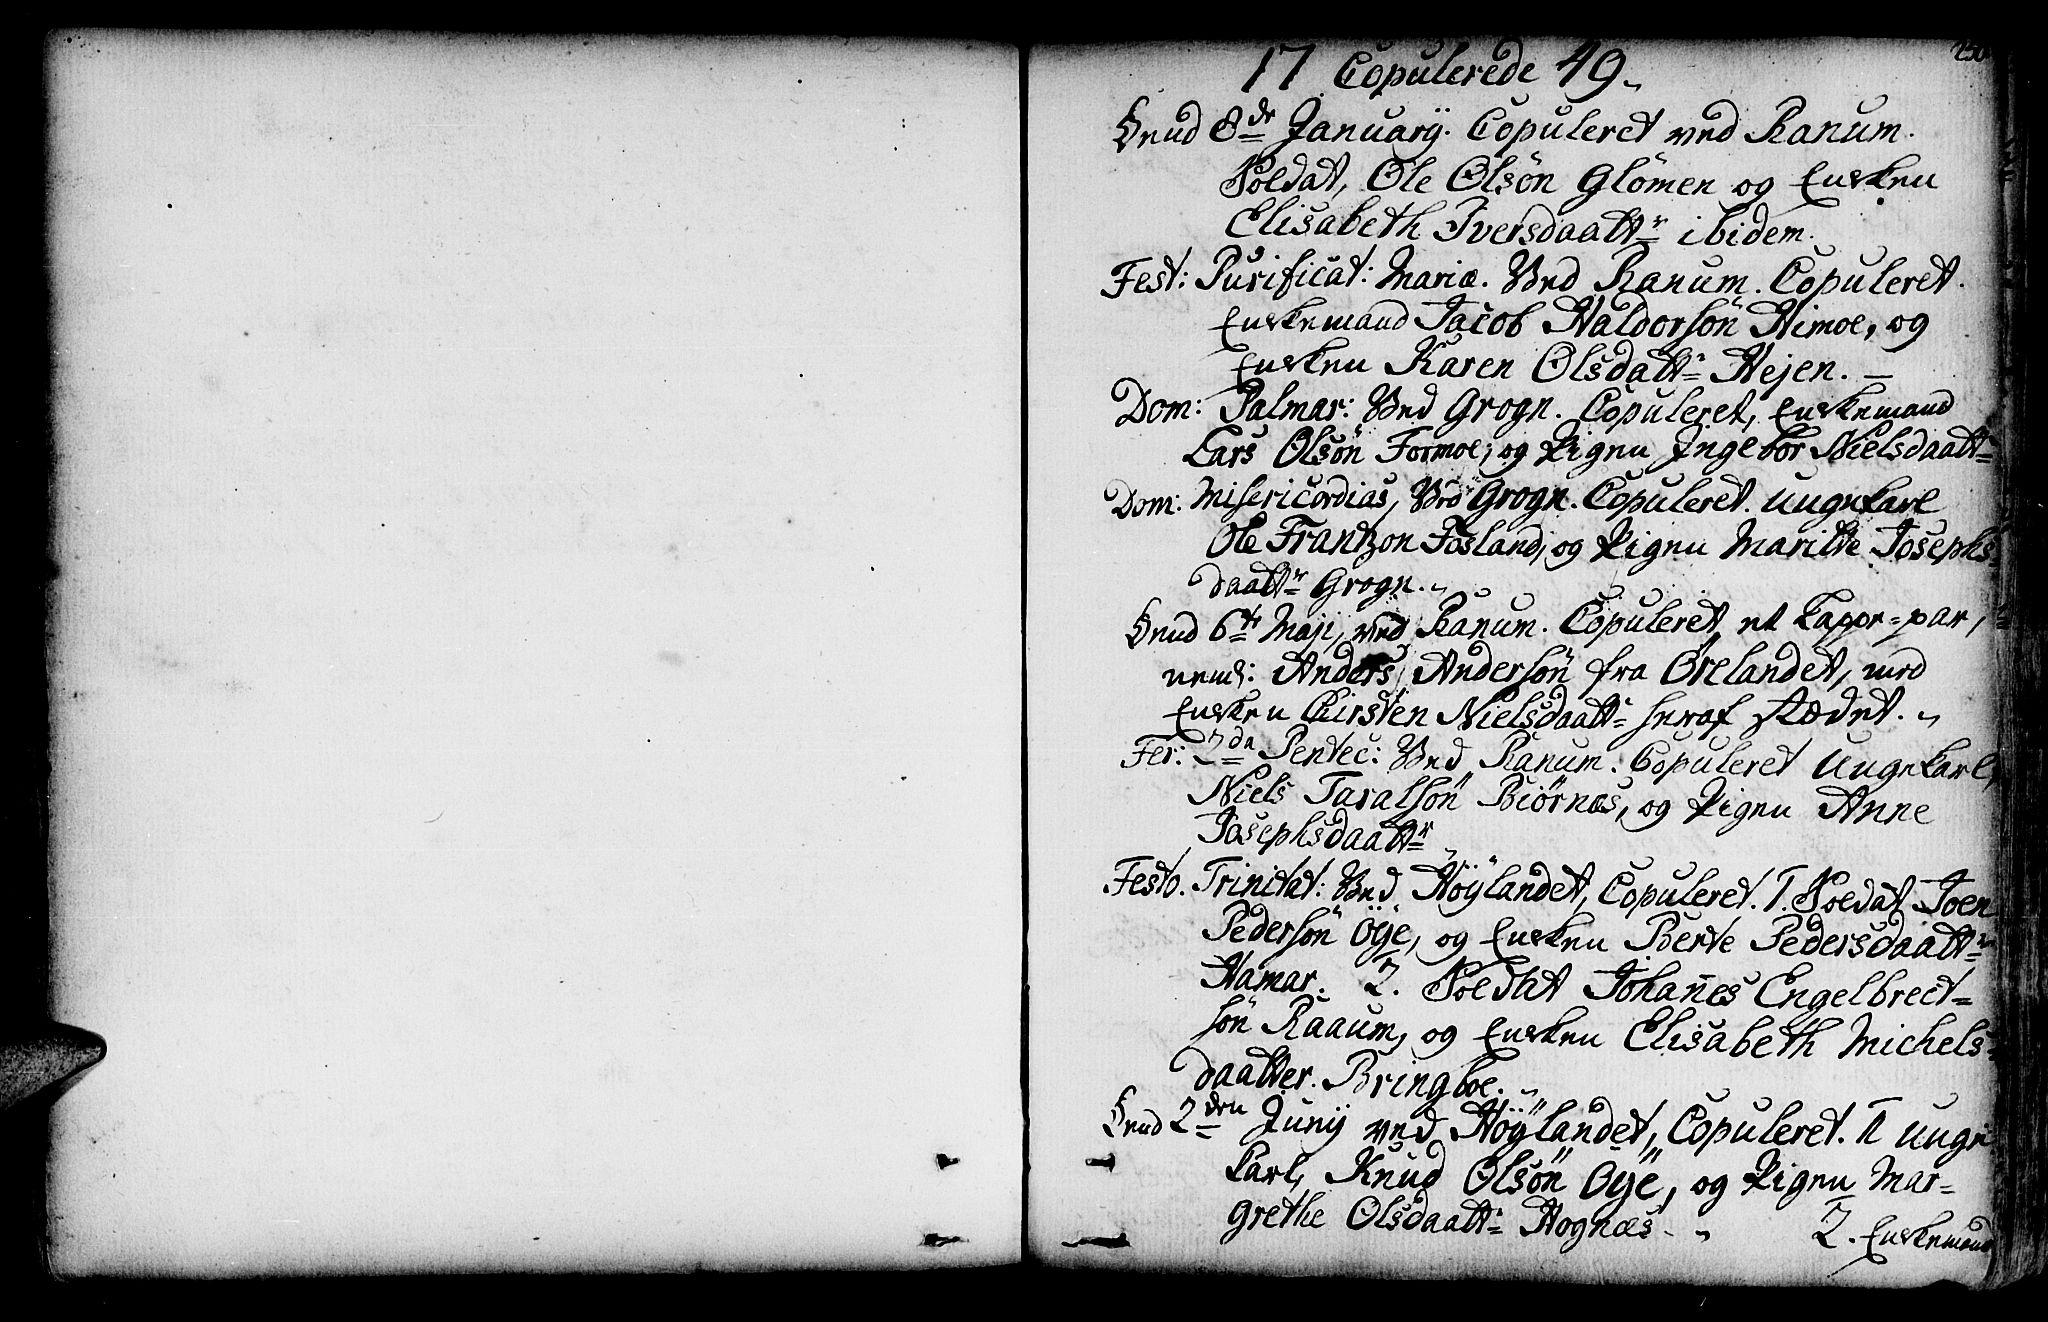 SAT, Ministerialprotokoller, klokkerbøker og fødselsregistre - Nord-Trøndelag, 764/L0542: Ministerialbok nr. 764A02, 1748-1779, s. 250